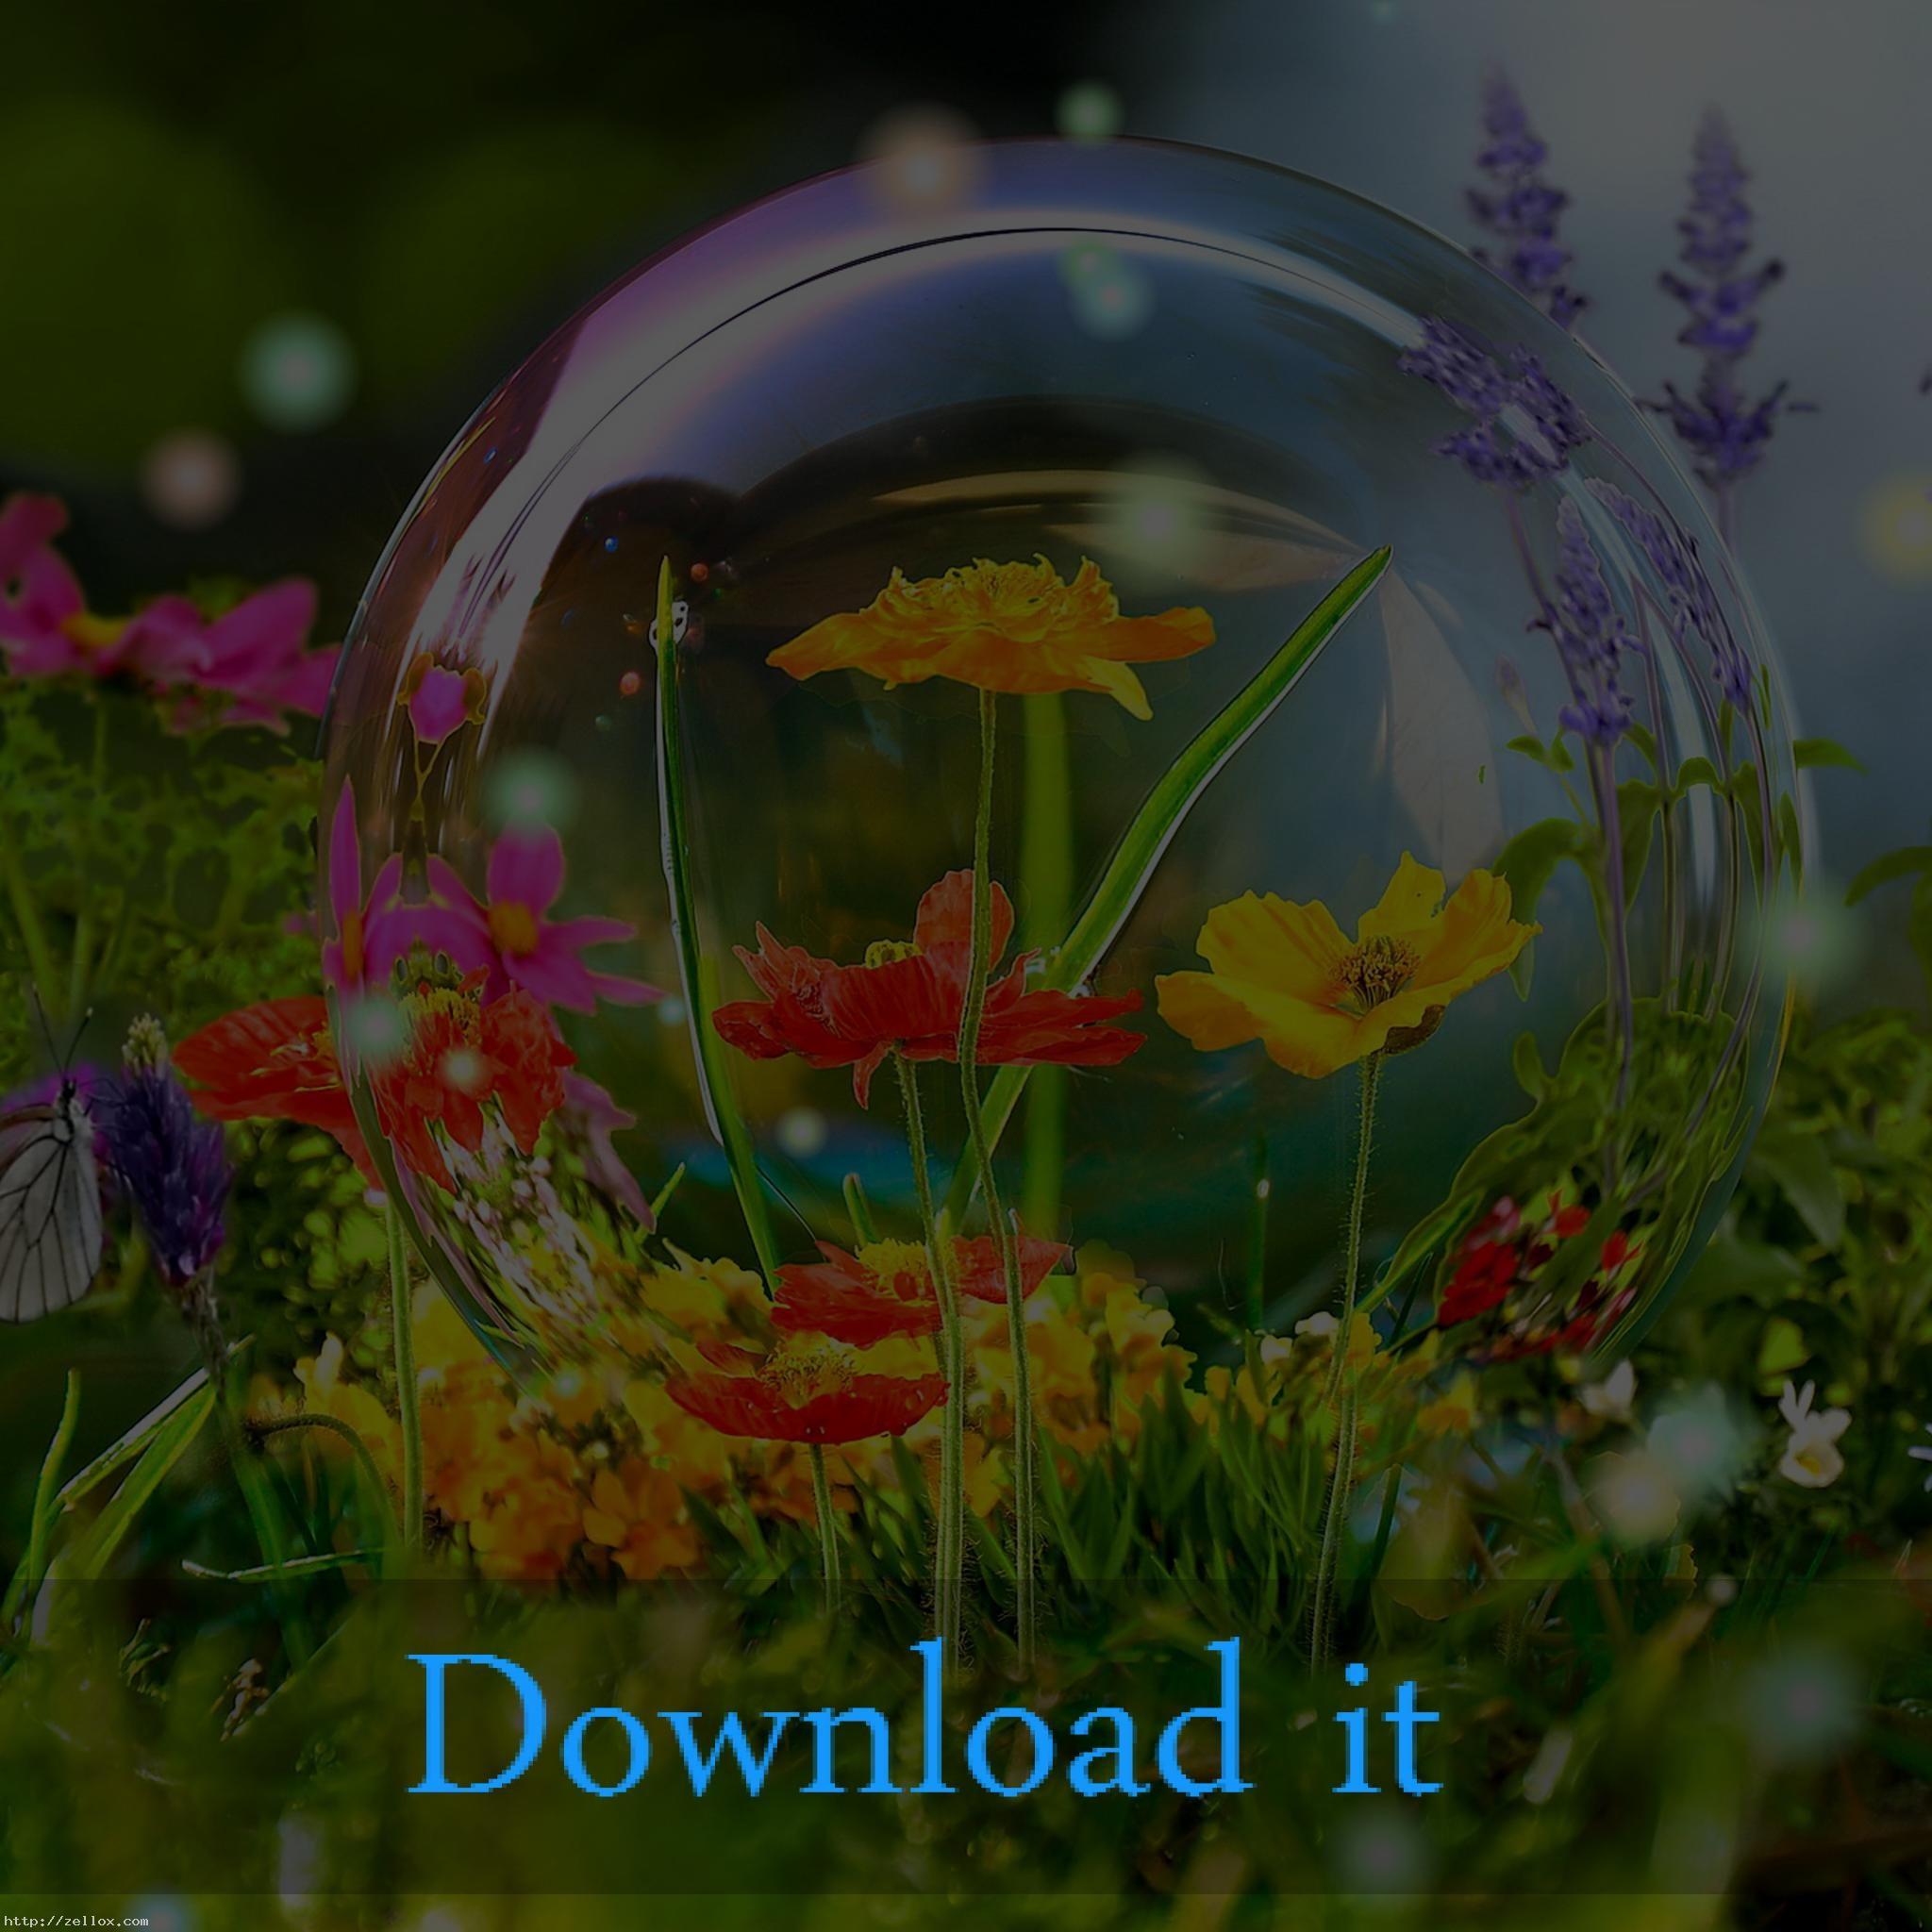 Aquarium Live Wallpaper For Windows Xp Free Download : Live wallpaper  1366×768 wallpaper hd